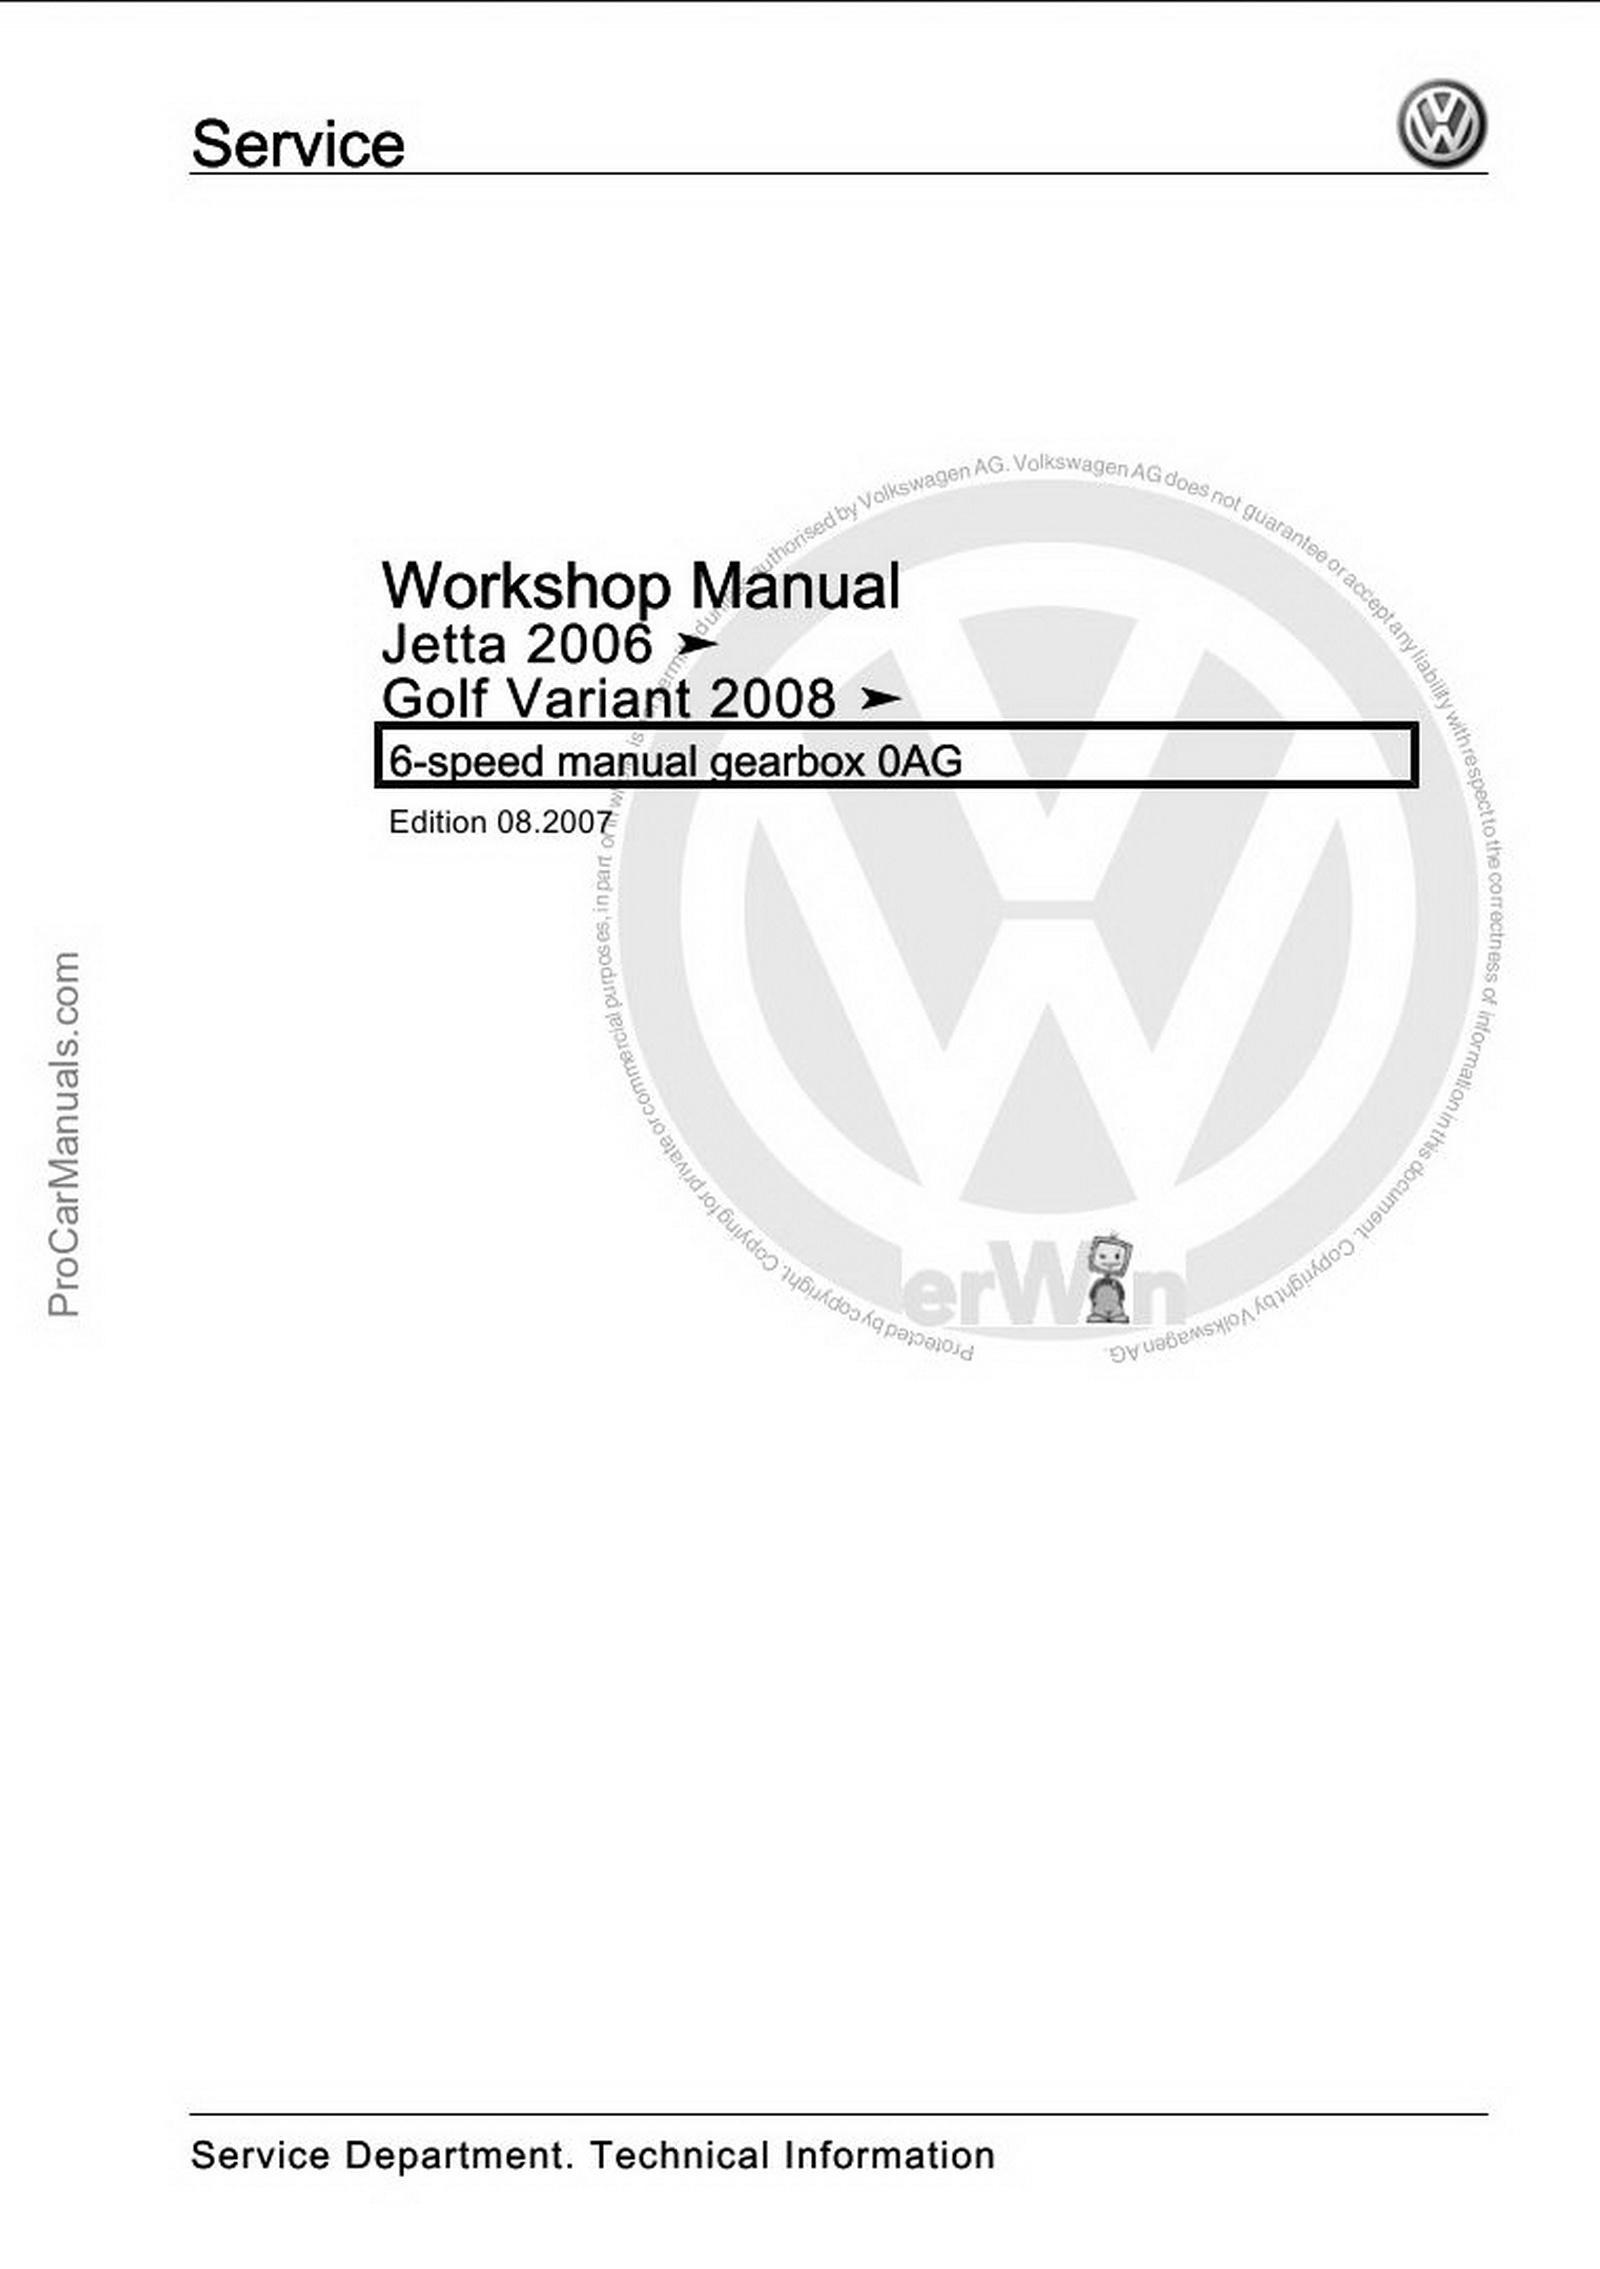 Volkswagen 6-speed Manual Gearbox 0AG Workshop Manual